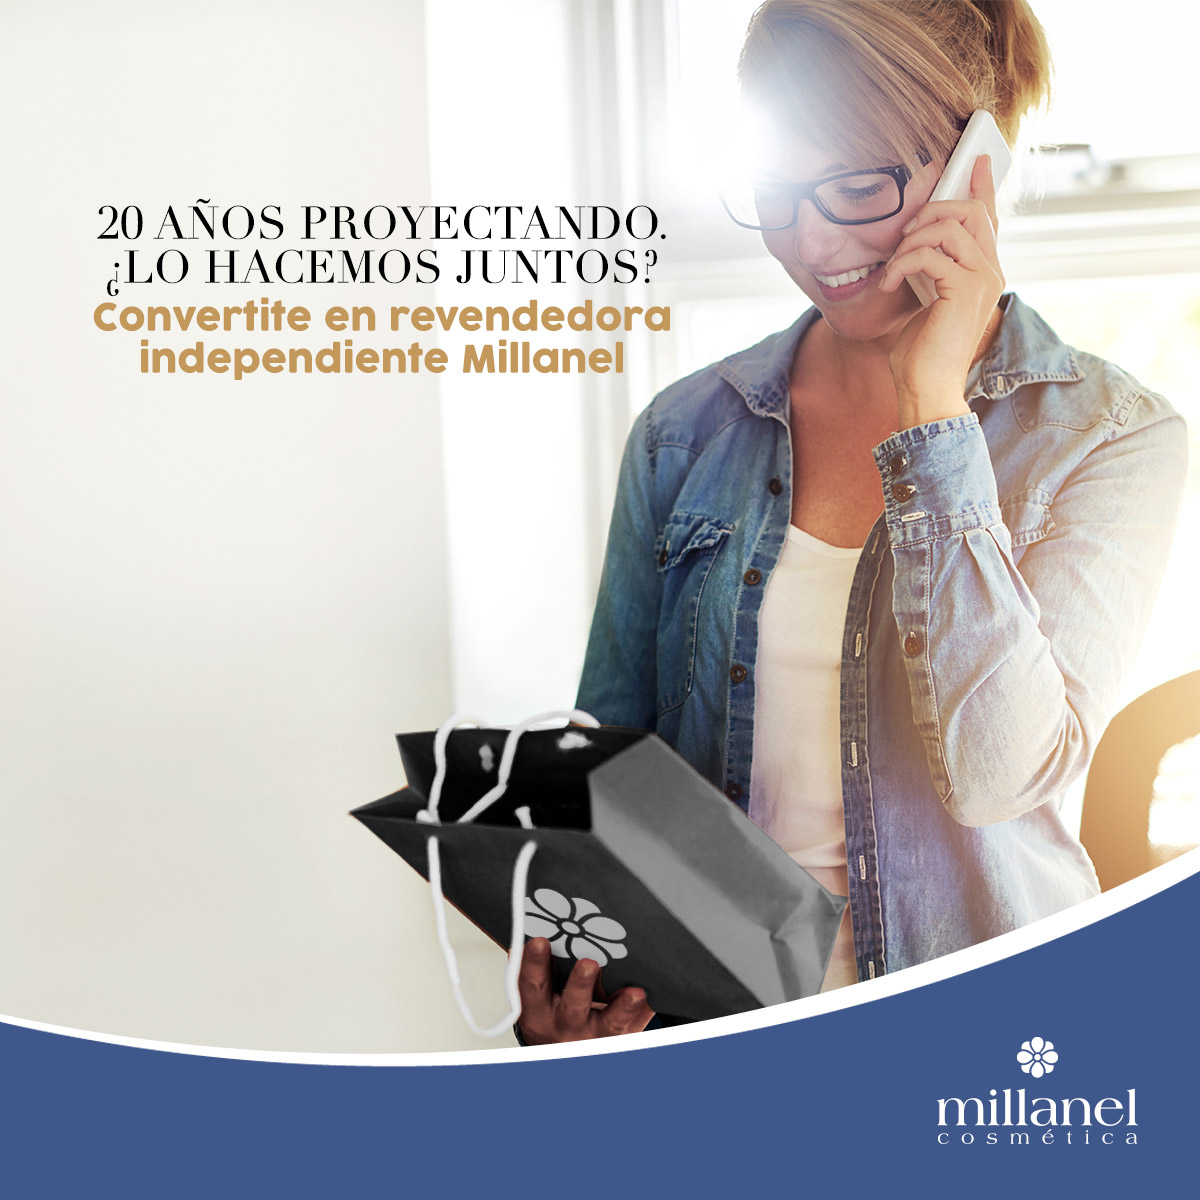 En la campaña Aniversario     ¡Convertite en revendedora independiente Millanel! Completá el formulario en la web  https://www.millanel.com/convertite-en-una-revendedora-millanel… #Millanel #cosmética #revendedoraindependienteMillanelpic.twitter.com/B7bYn7y1si